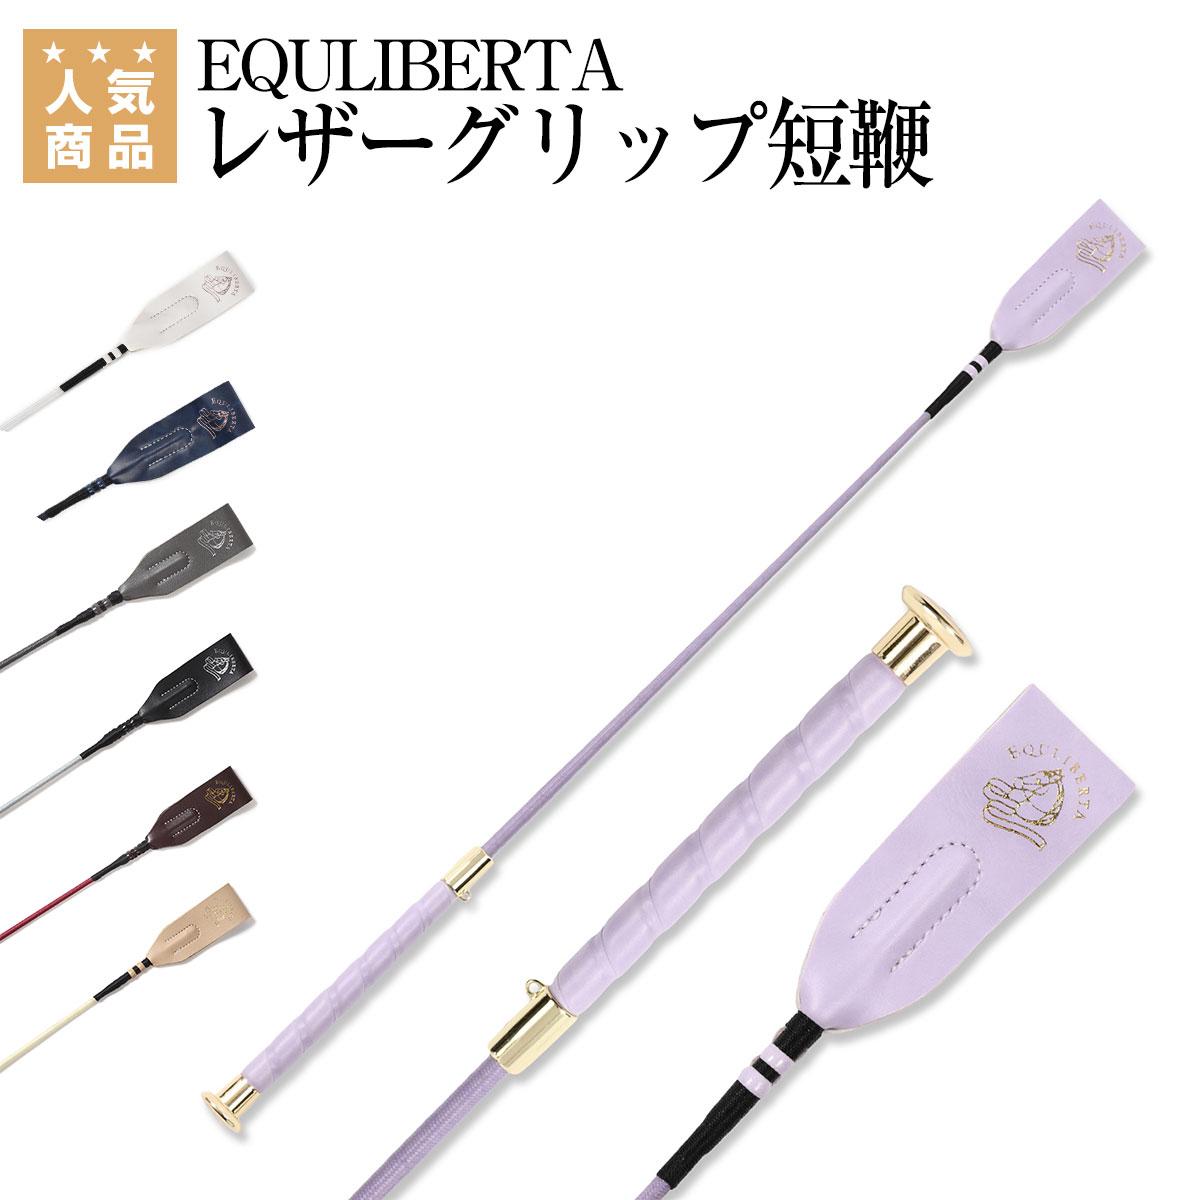 【セール】乗馬 ムチ 鞭 短鞭 EQULIBERTA レザーグリップ短鞭  乗馬用品 馬具